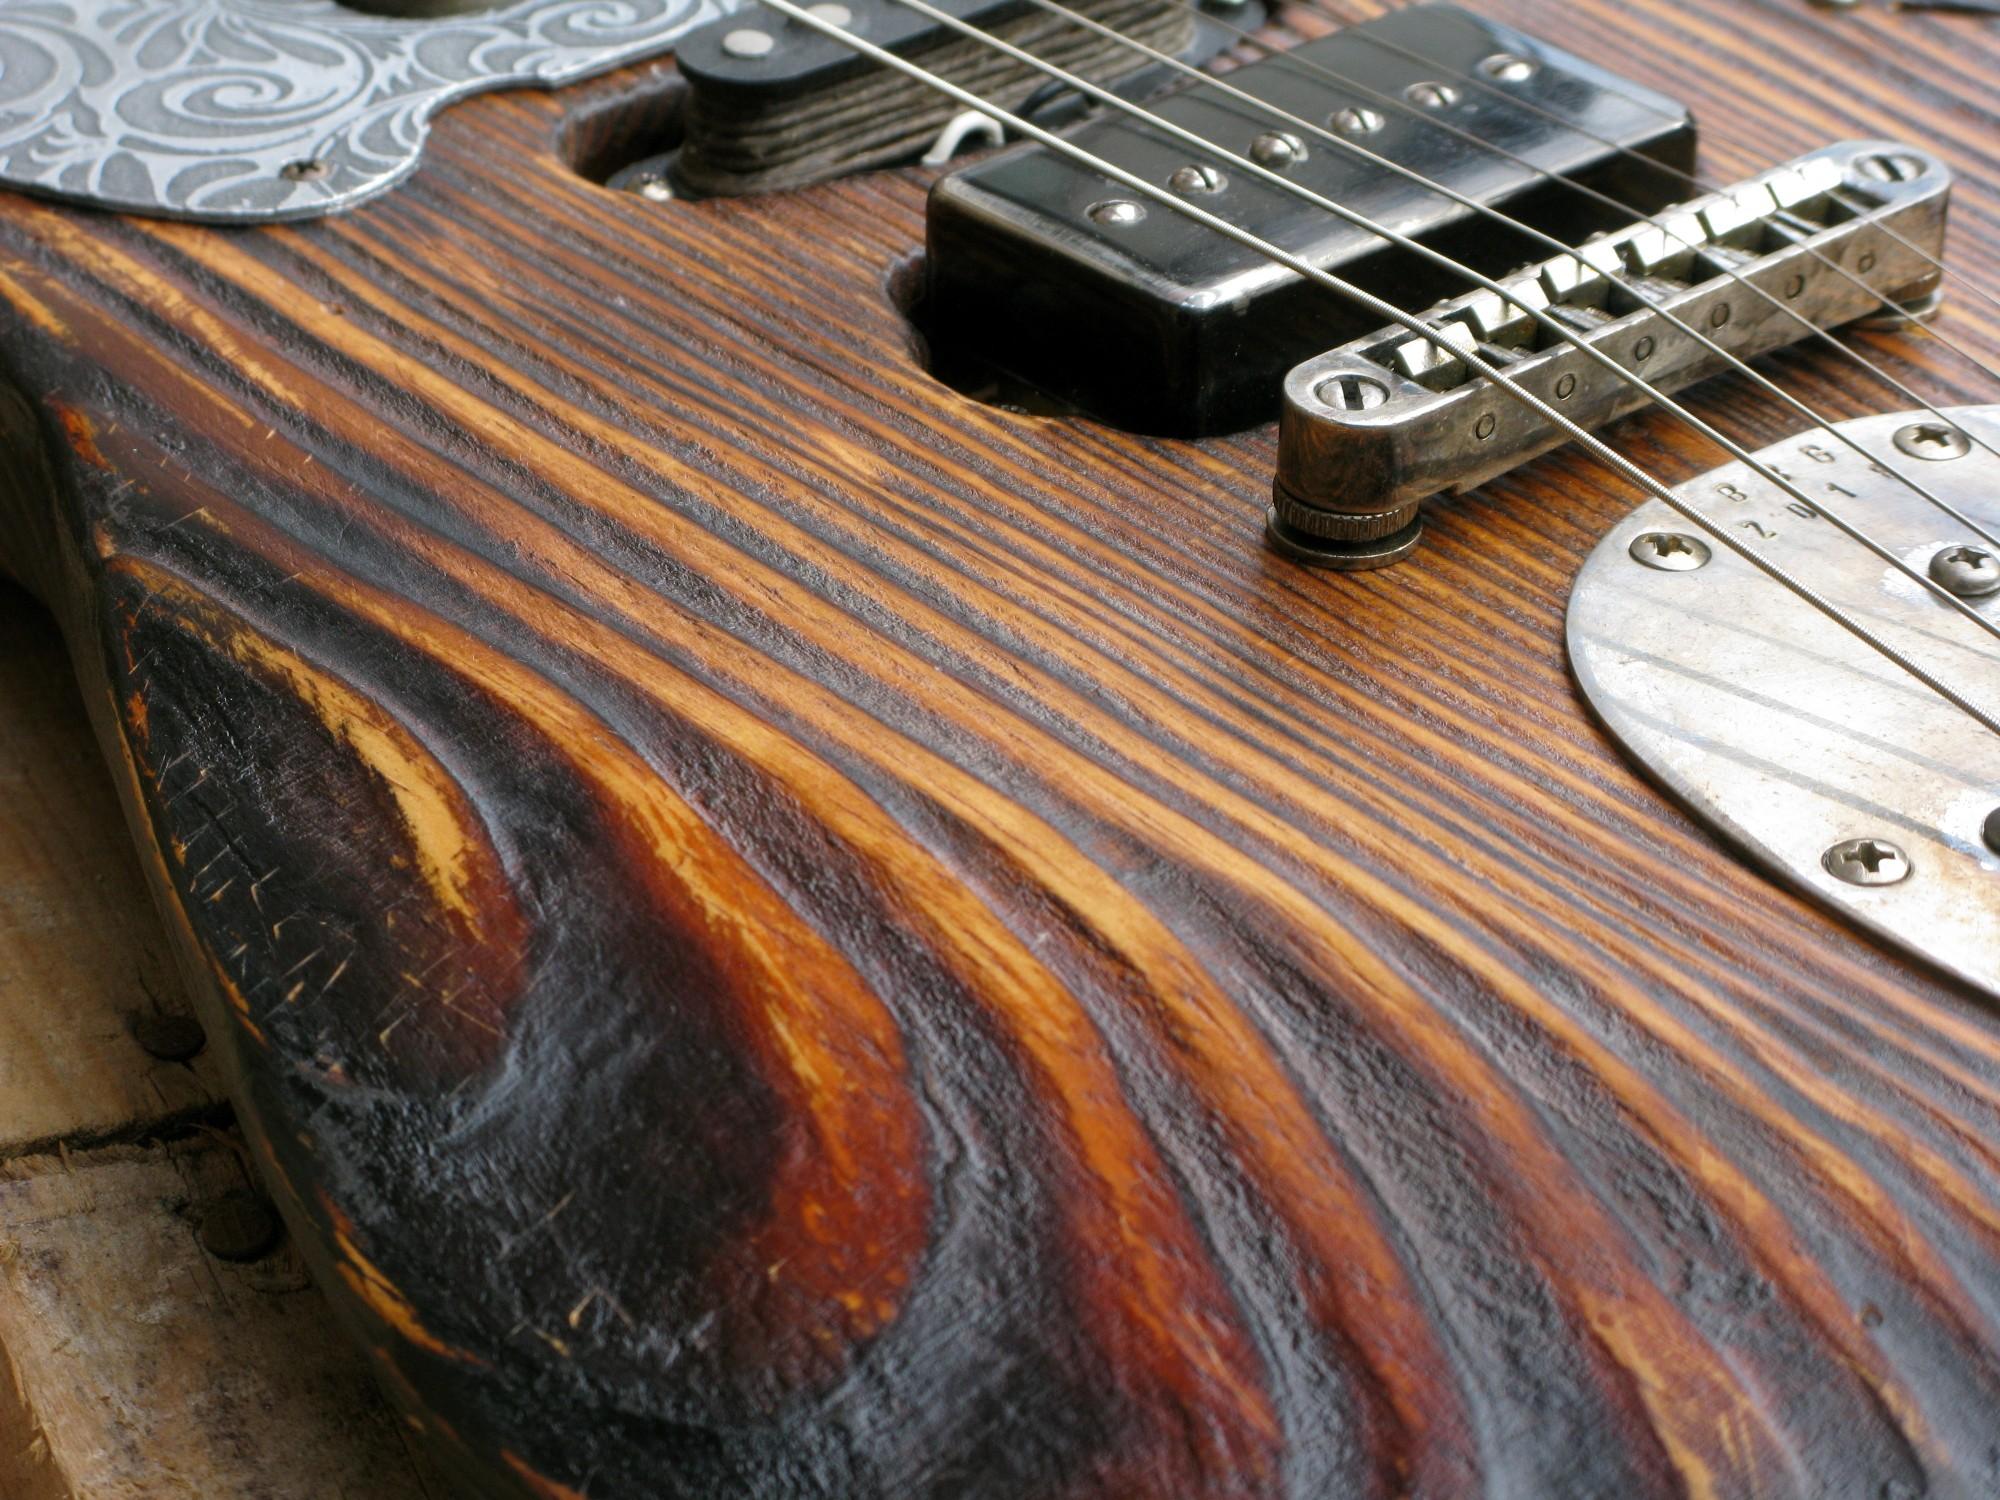 Chitarra modello Stratocaster, body in pino, manico in frassino, reverse: Chitarra modello Stratocaster, body in pino, manico in frassino, reverse: ponte